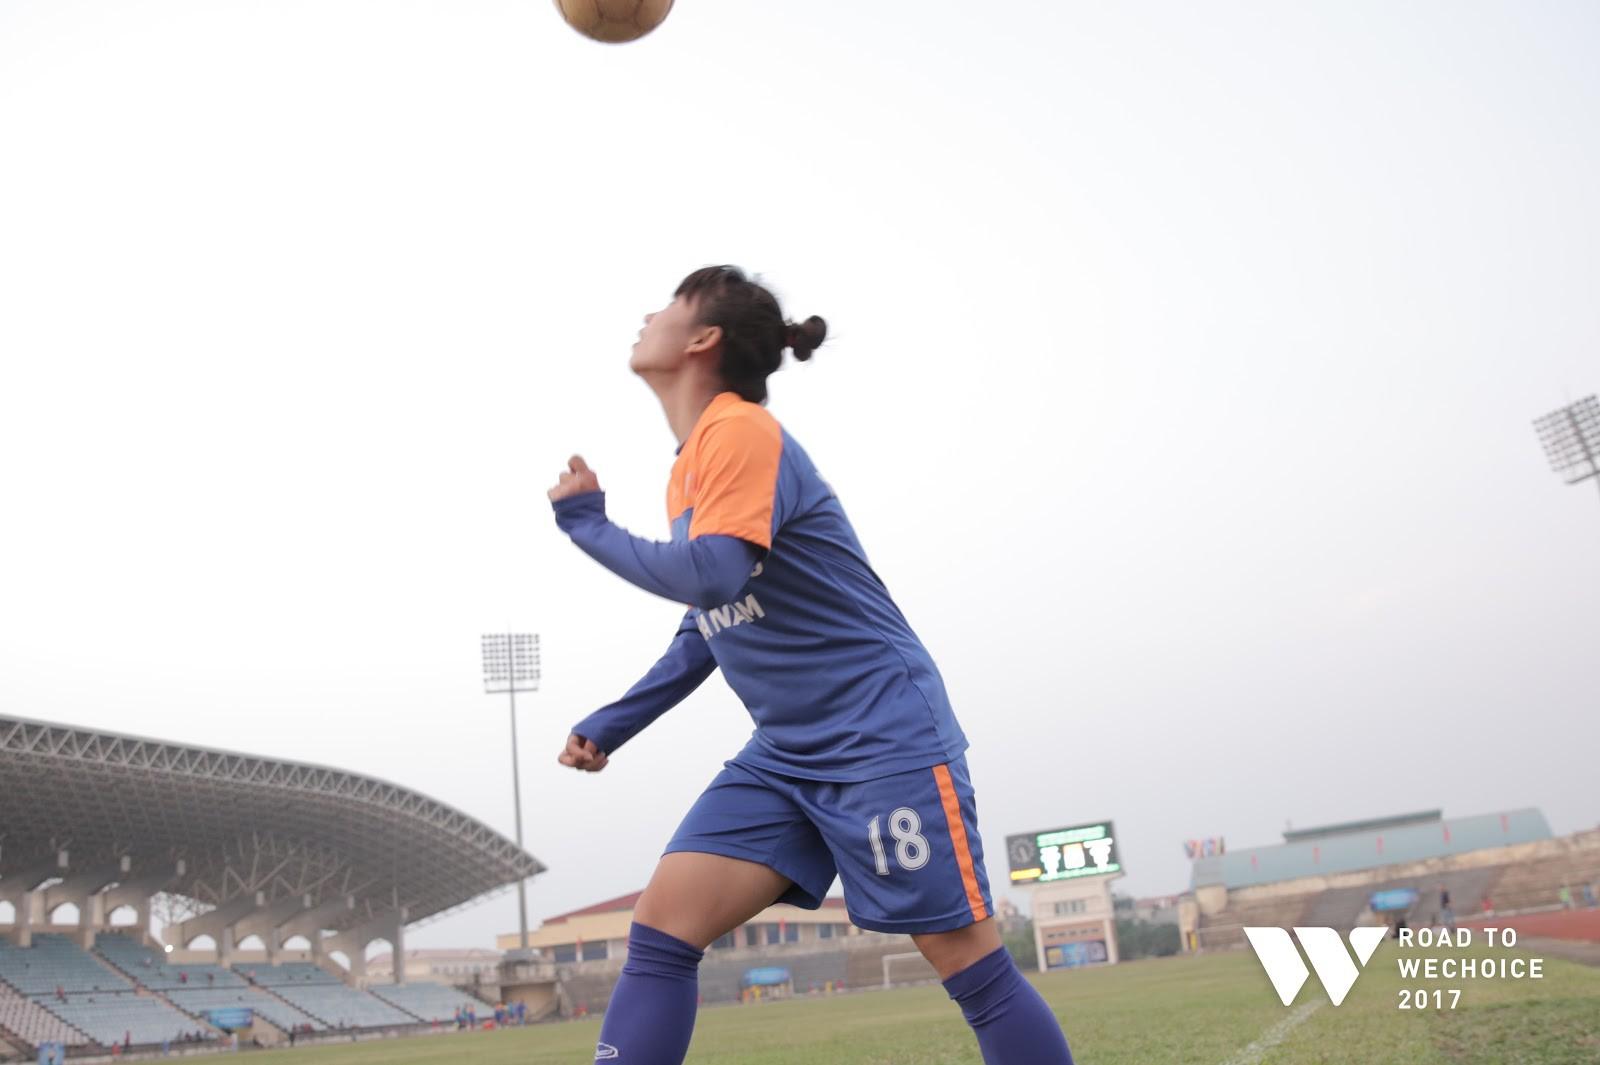 Nguyễn Thị Liễu: Hành trình vượt biến cố, trở thành người hùng cho bóng đá nữ - Ảnh 8.